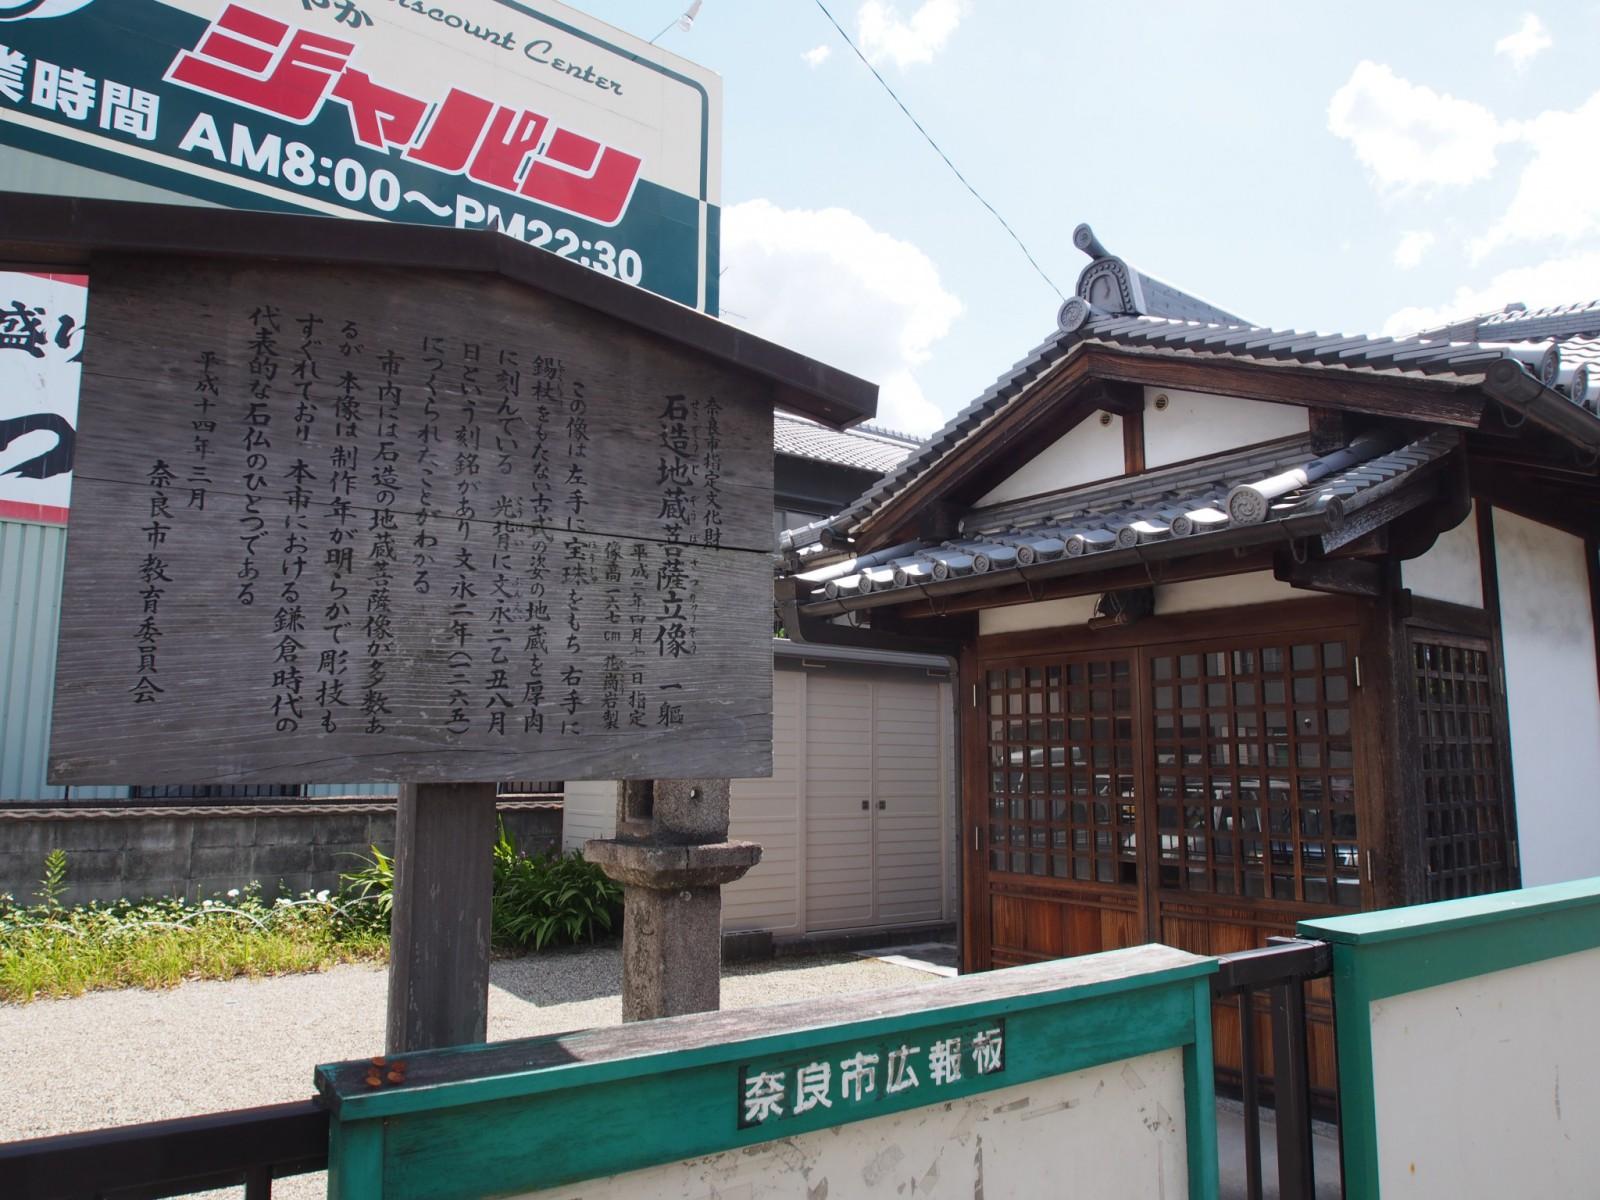 【尼ヶ辻地蔵石仏】黒く輝くお地蔵さまは鎌倉時代の作 – 奈良 ...